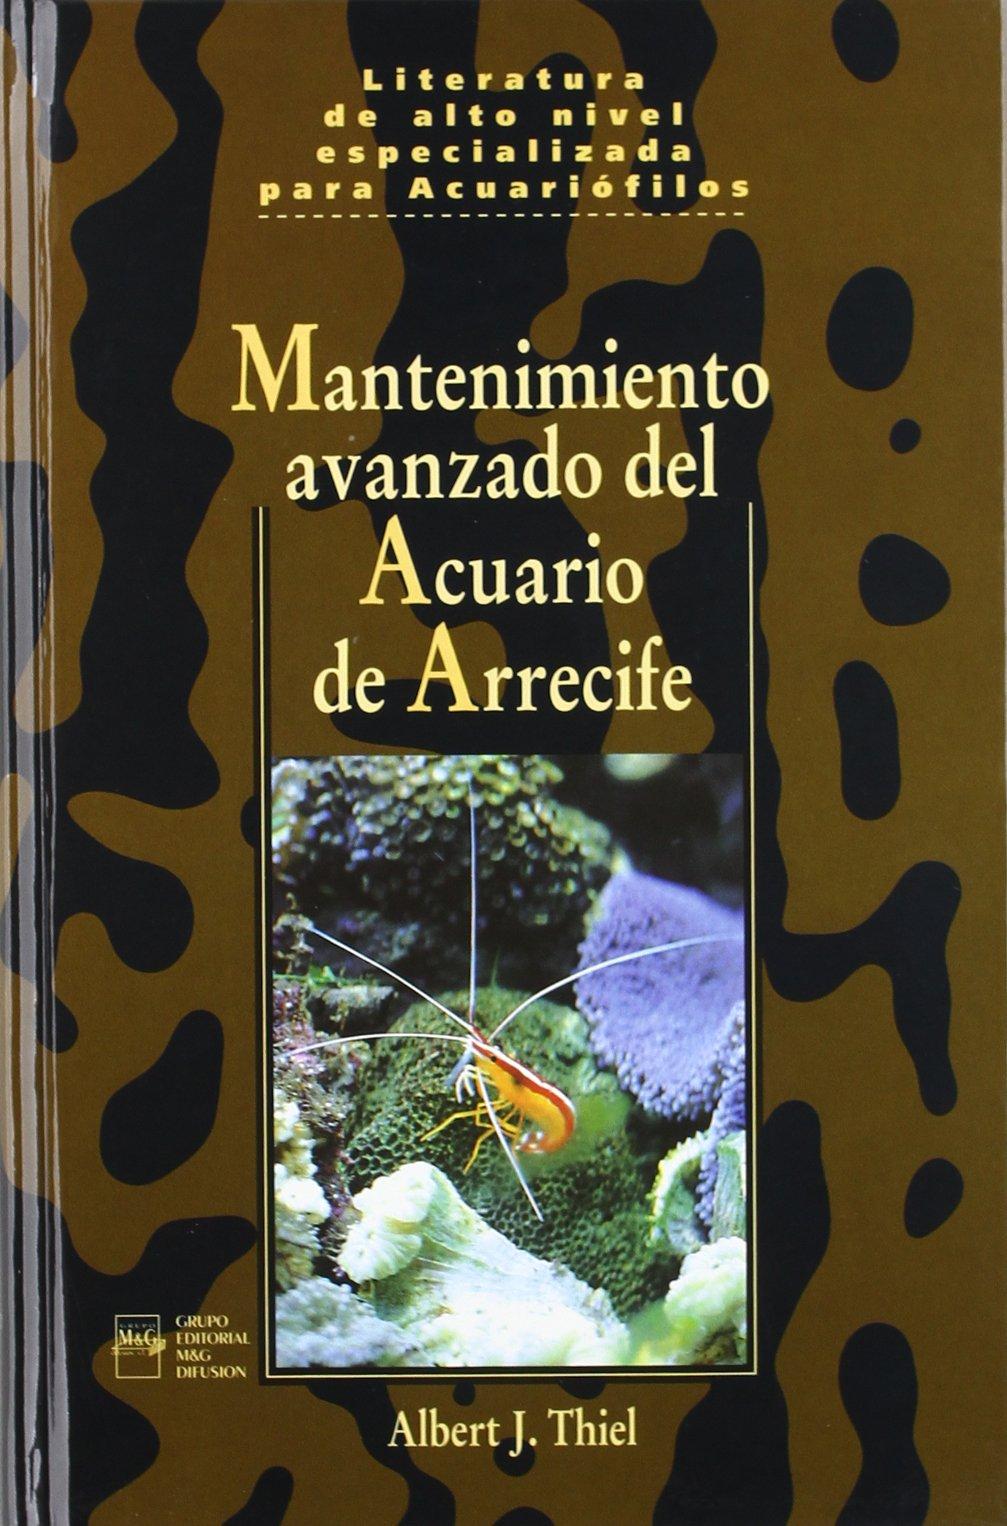 Mantenimiento avanzado del acuario de arrecife (Spanish) Paperback – November 1, 1997